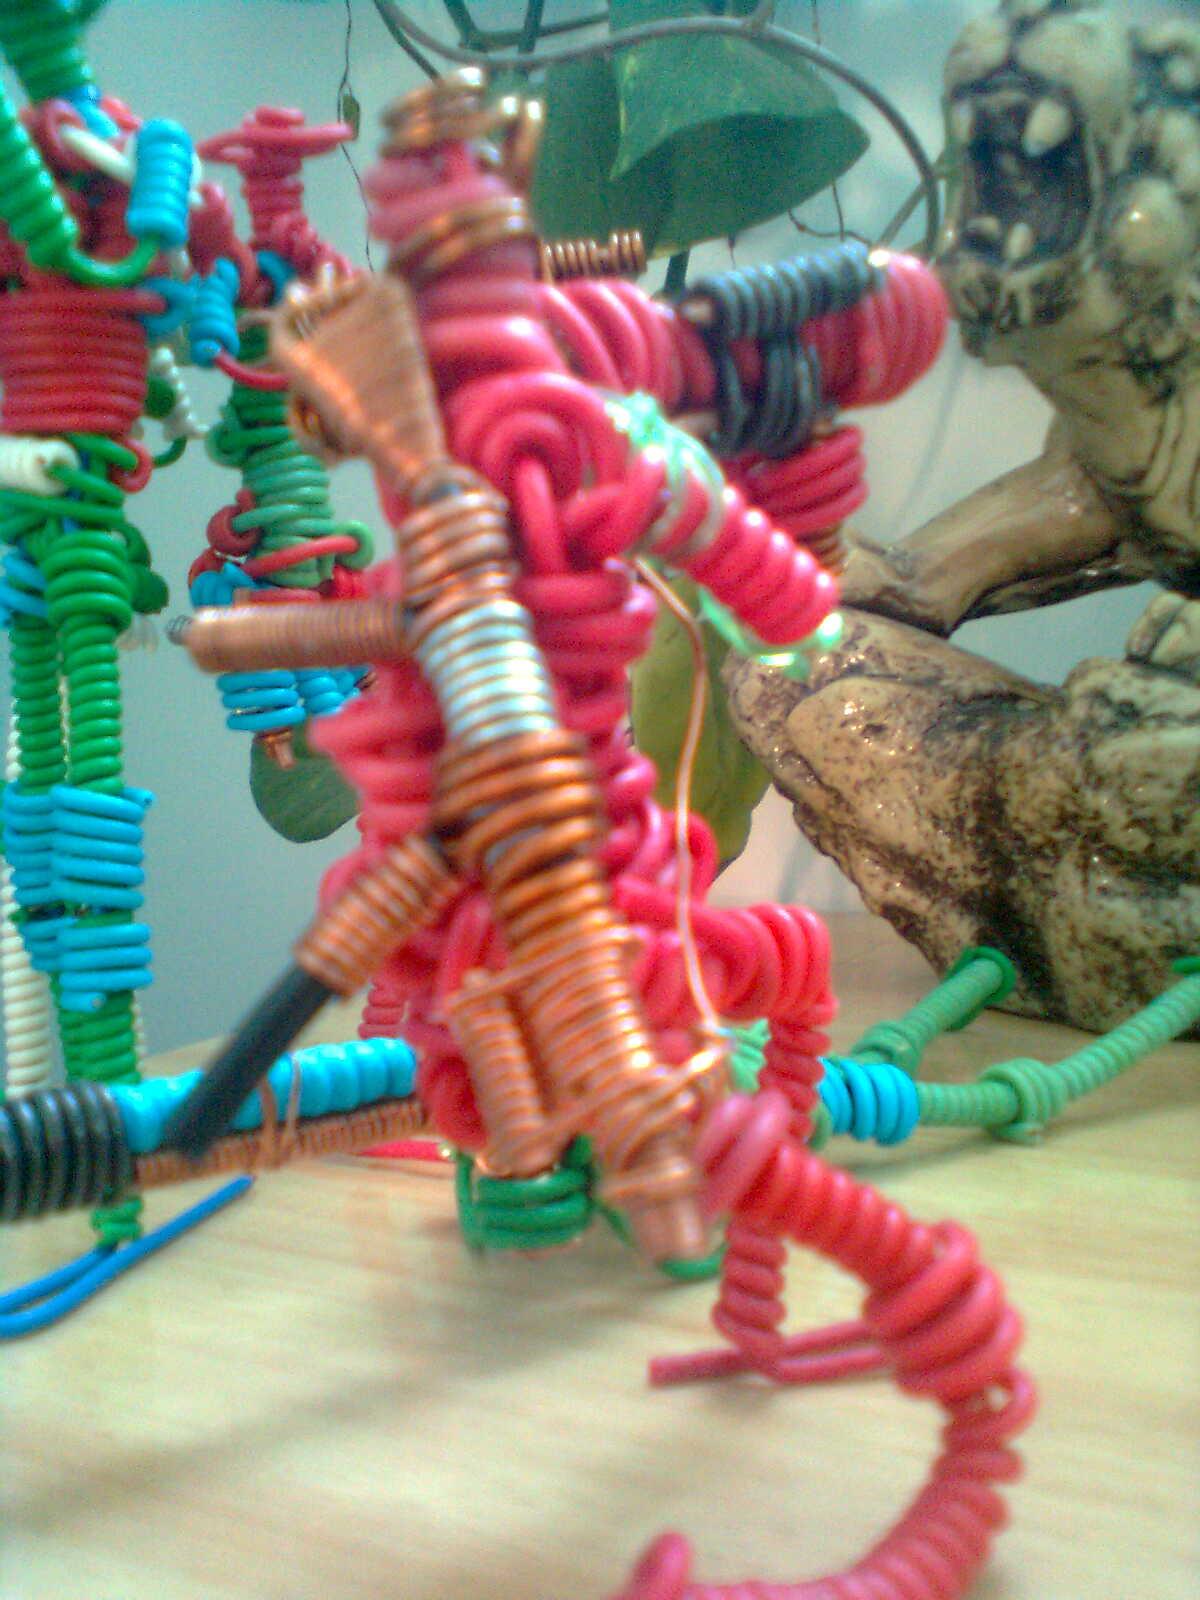 这些手工编织的小动物造型各异